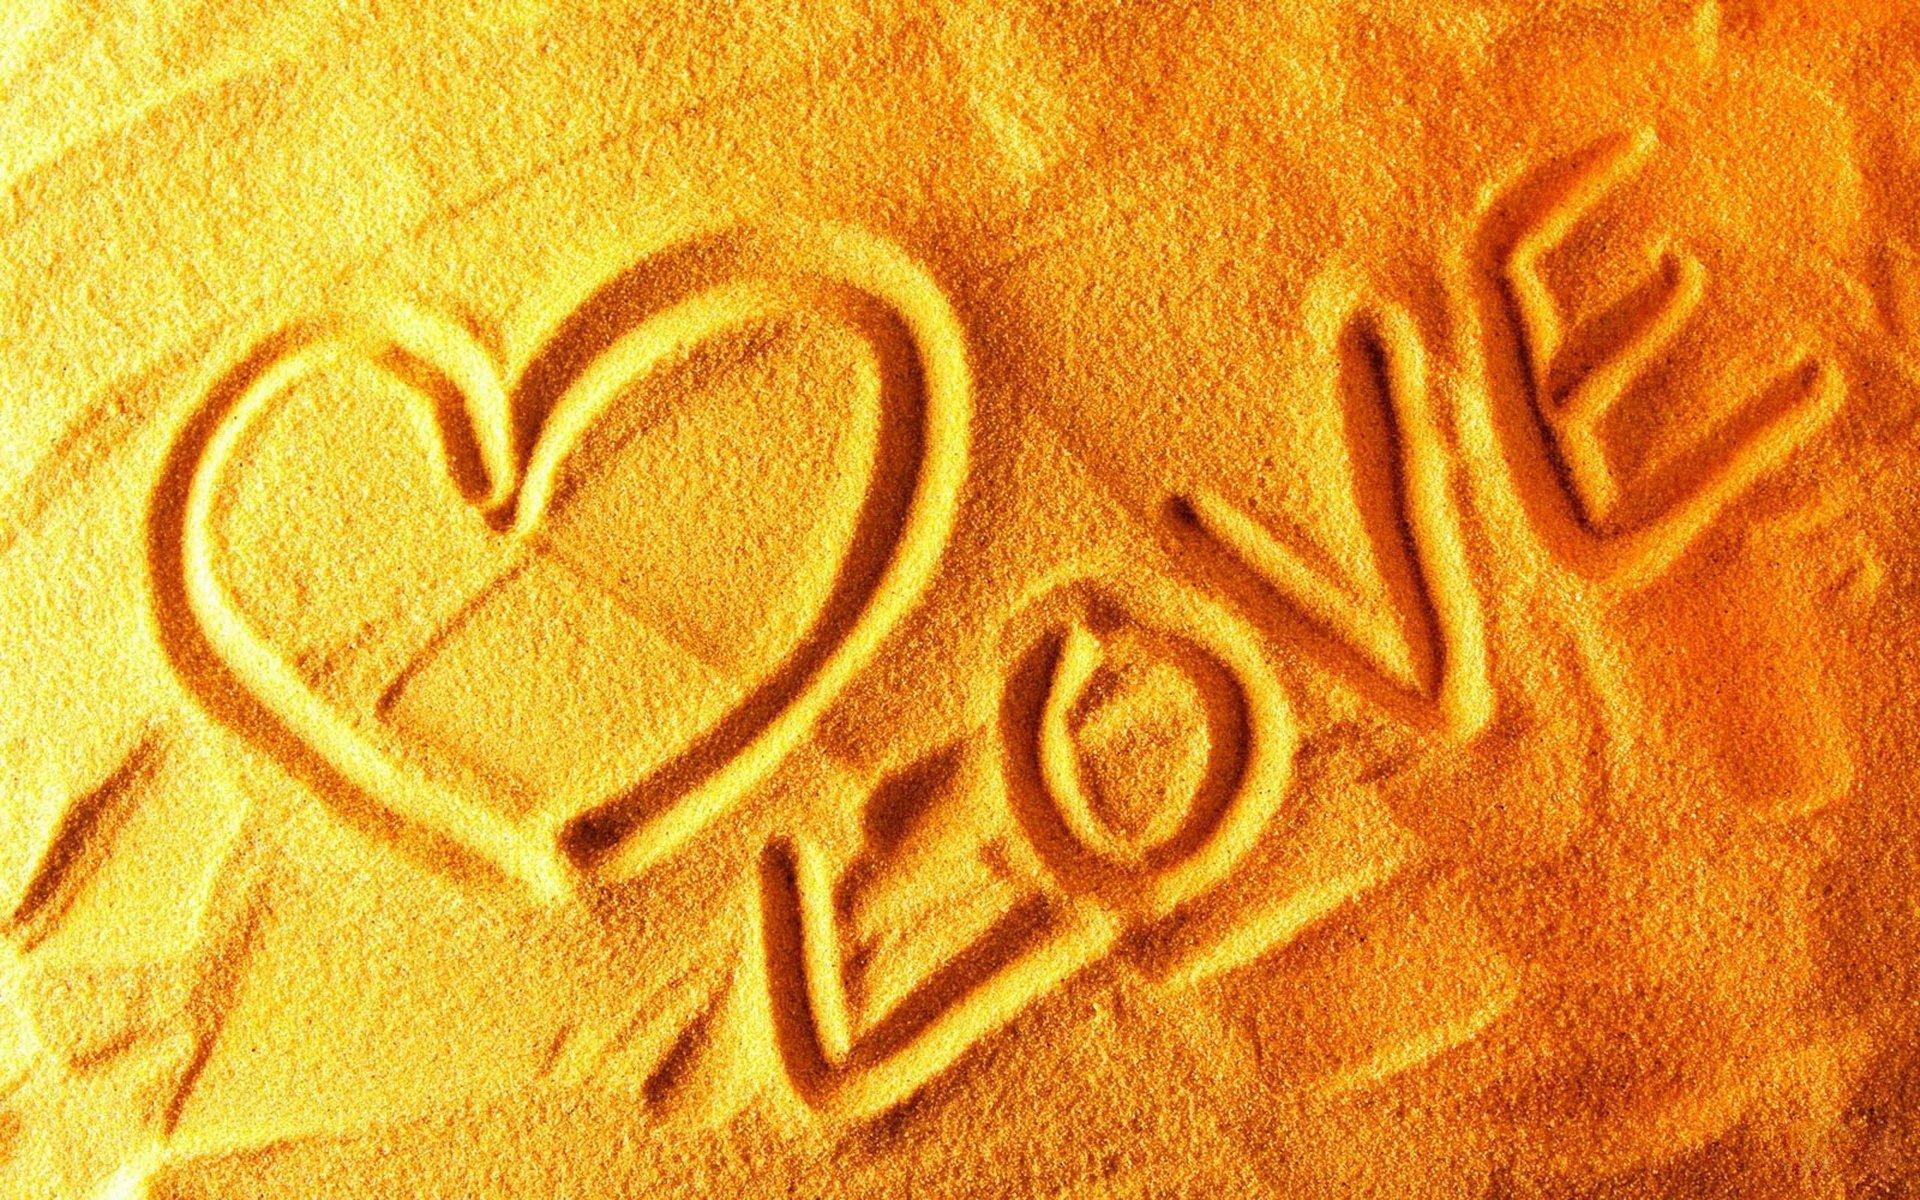 爱情美图,浪漫手绘,手绘爱情